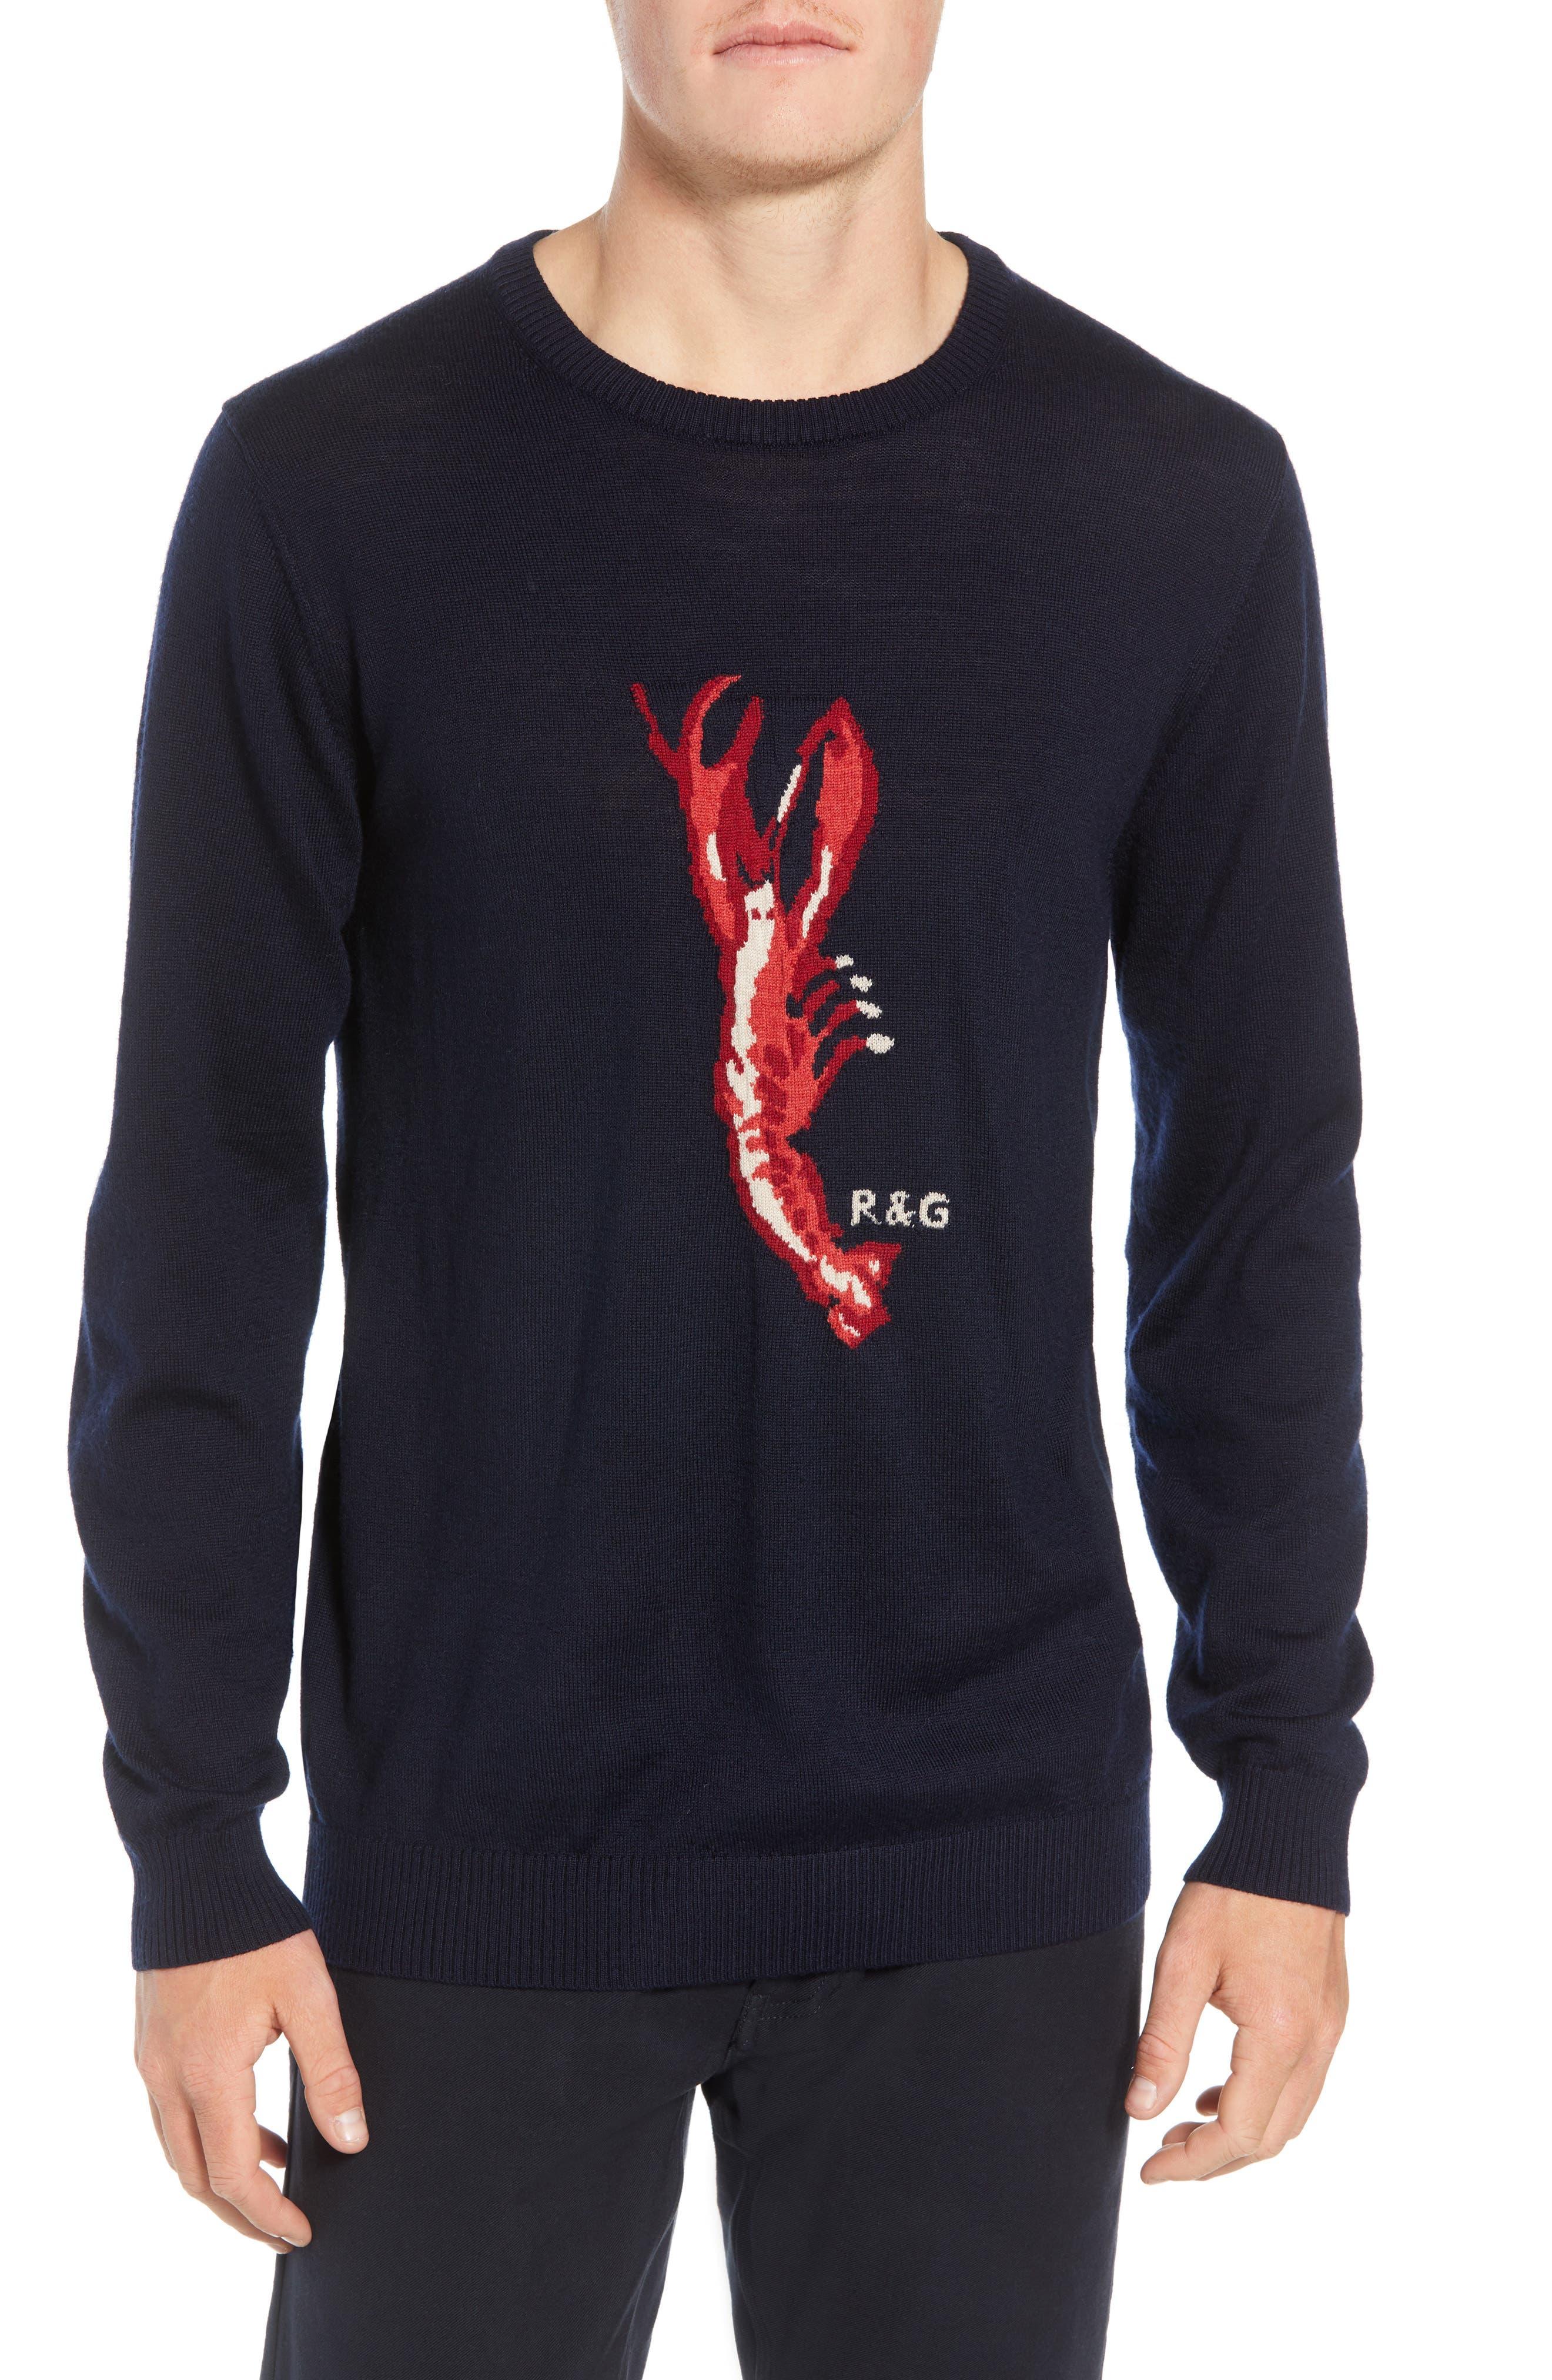 Image of RODD AND GUNN Nautical Marine Extra Fine Merino Wool Sweater